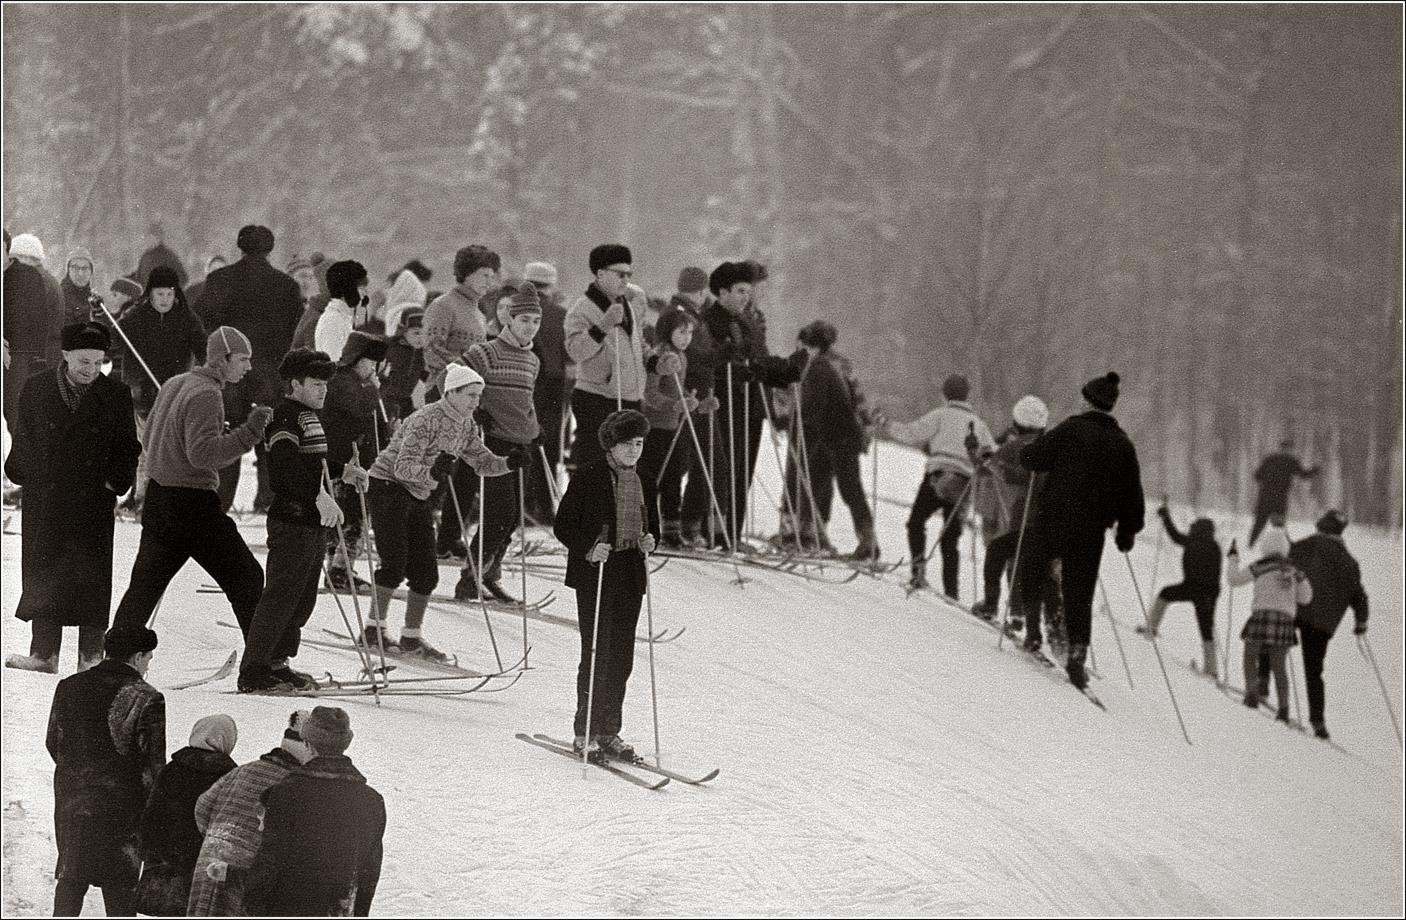 115. 1968. Измайловский парк, 28 января